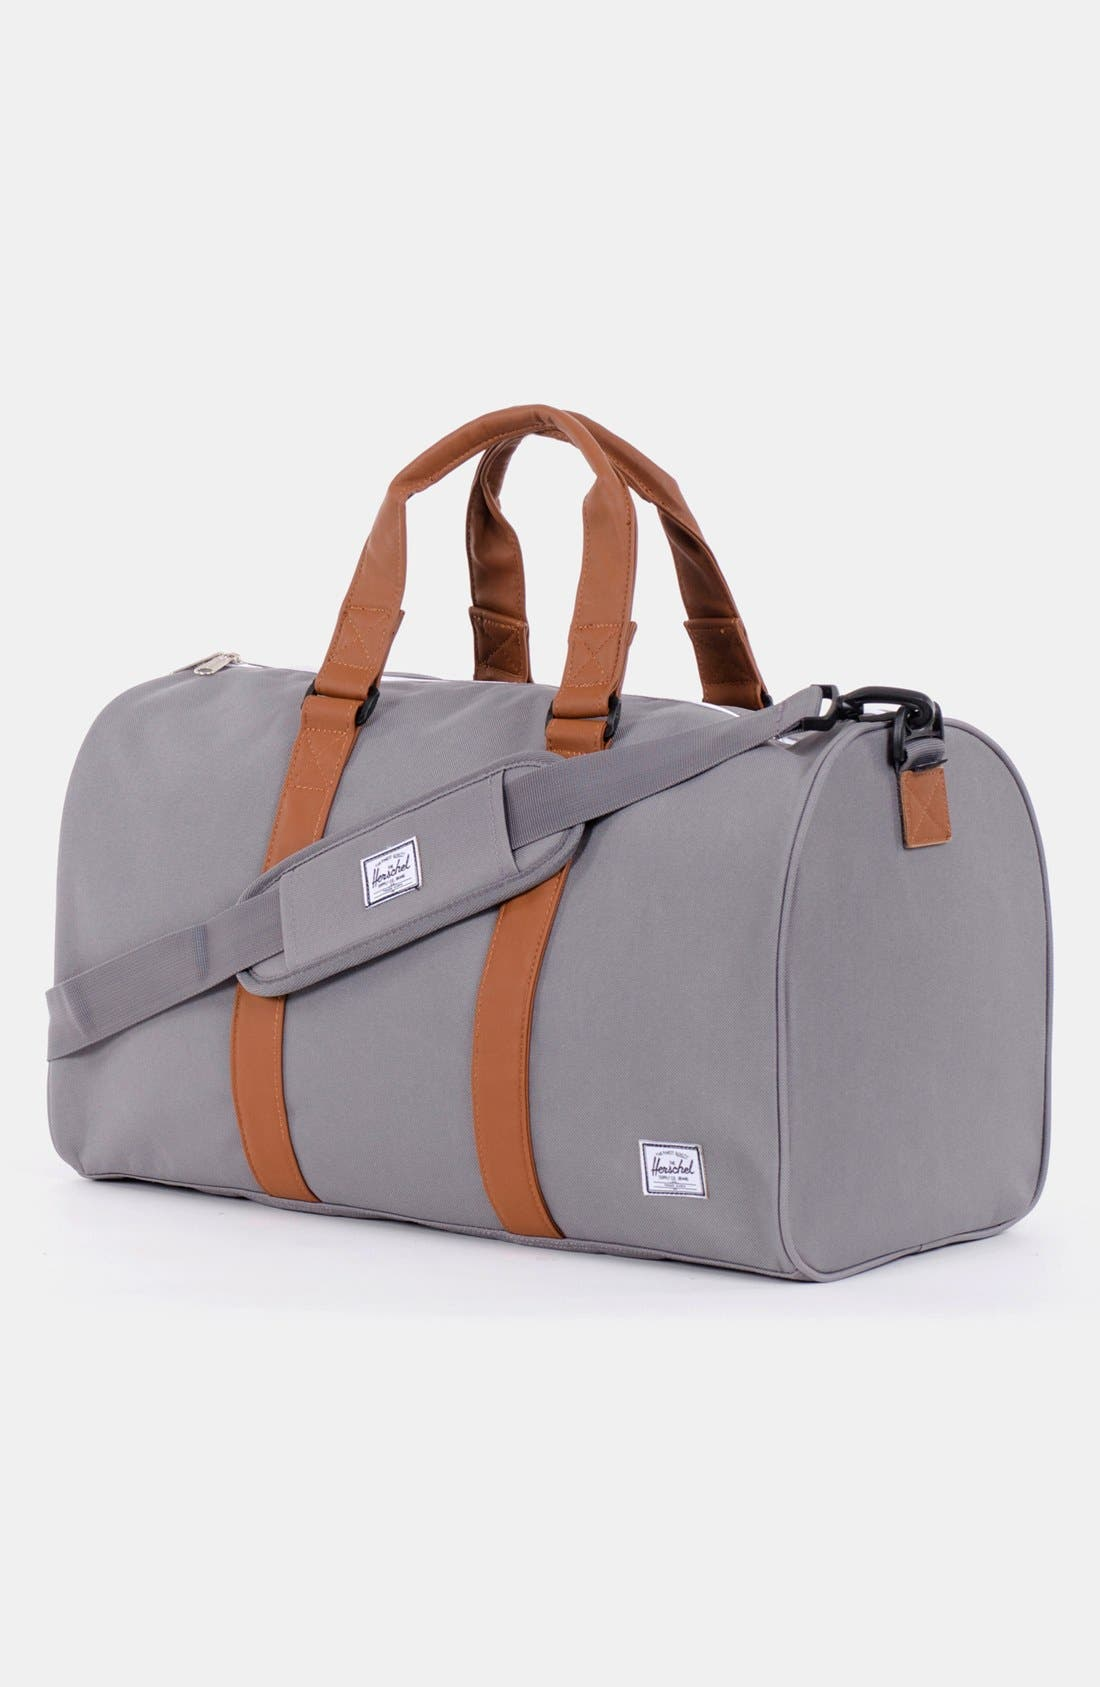 Alternate Image 1 Selected - Herschel Supply Co. 'Ravine' Gym Bag